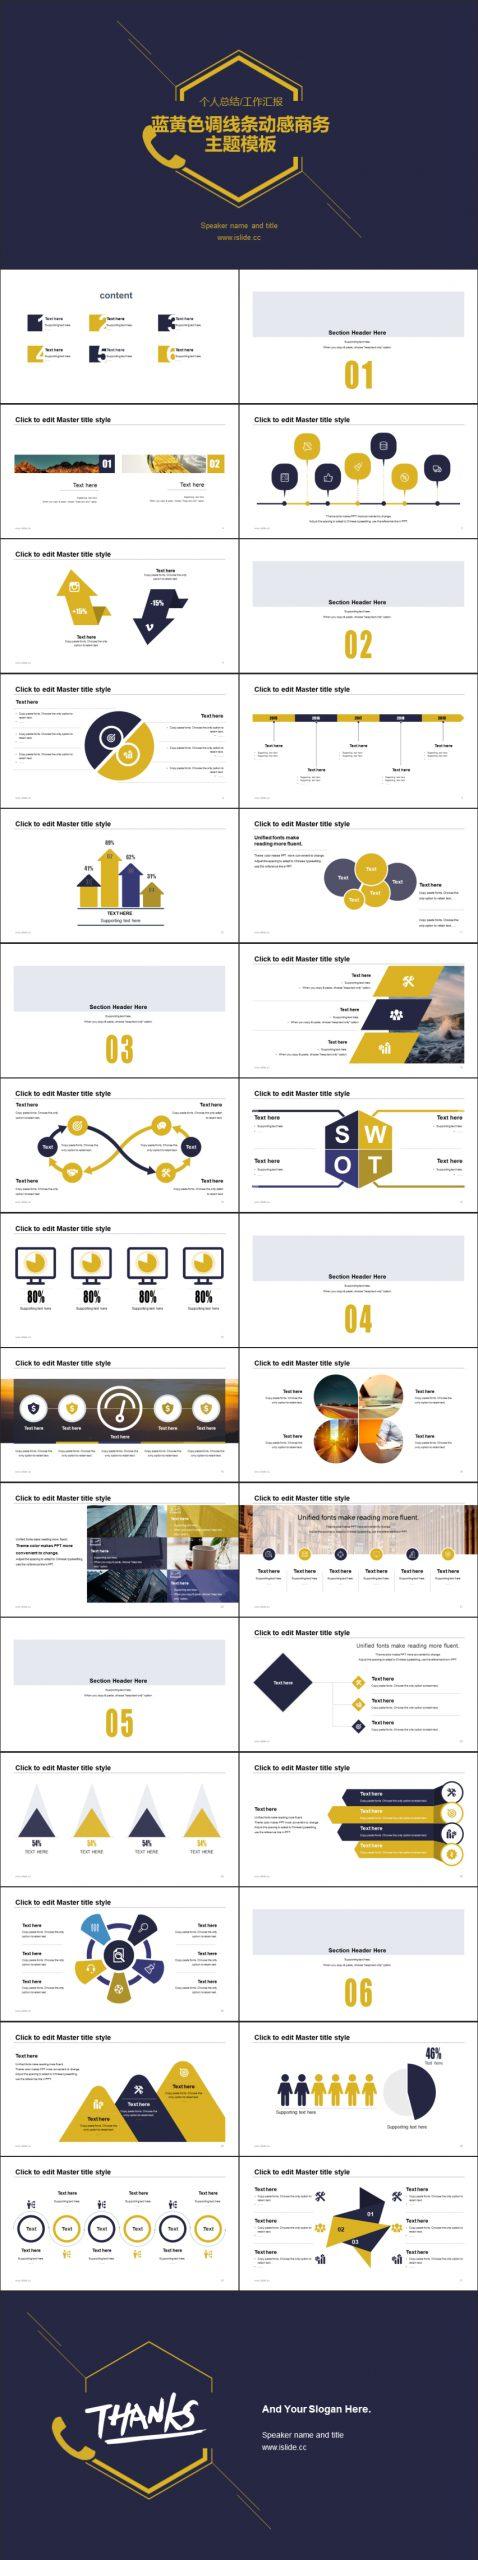 蓝黄色调线条动感商务主题PPT模板下载_预览图2